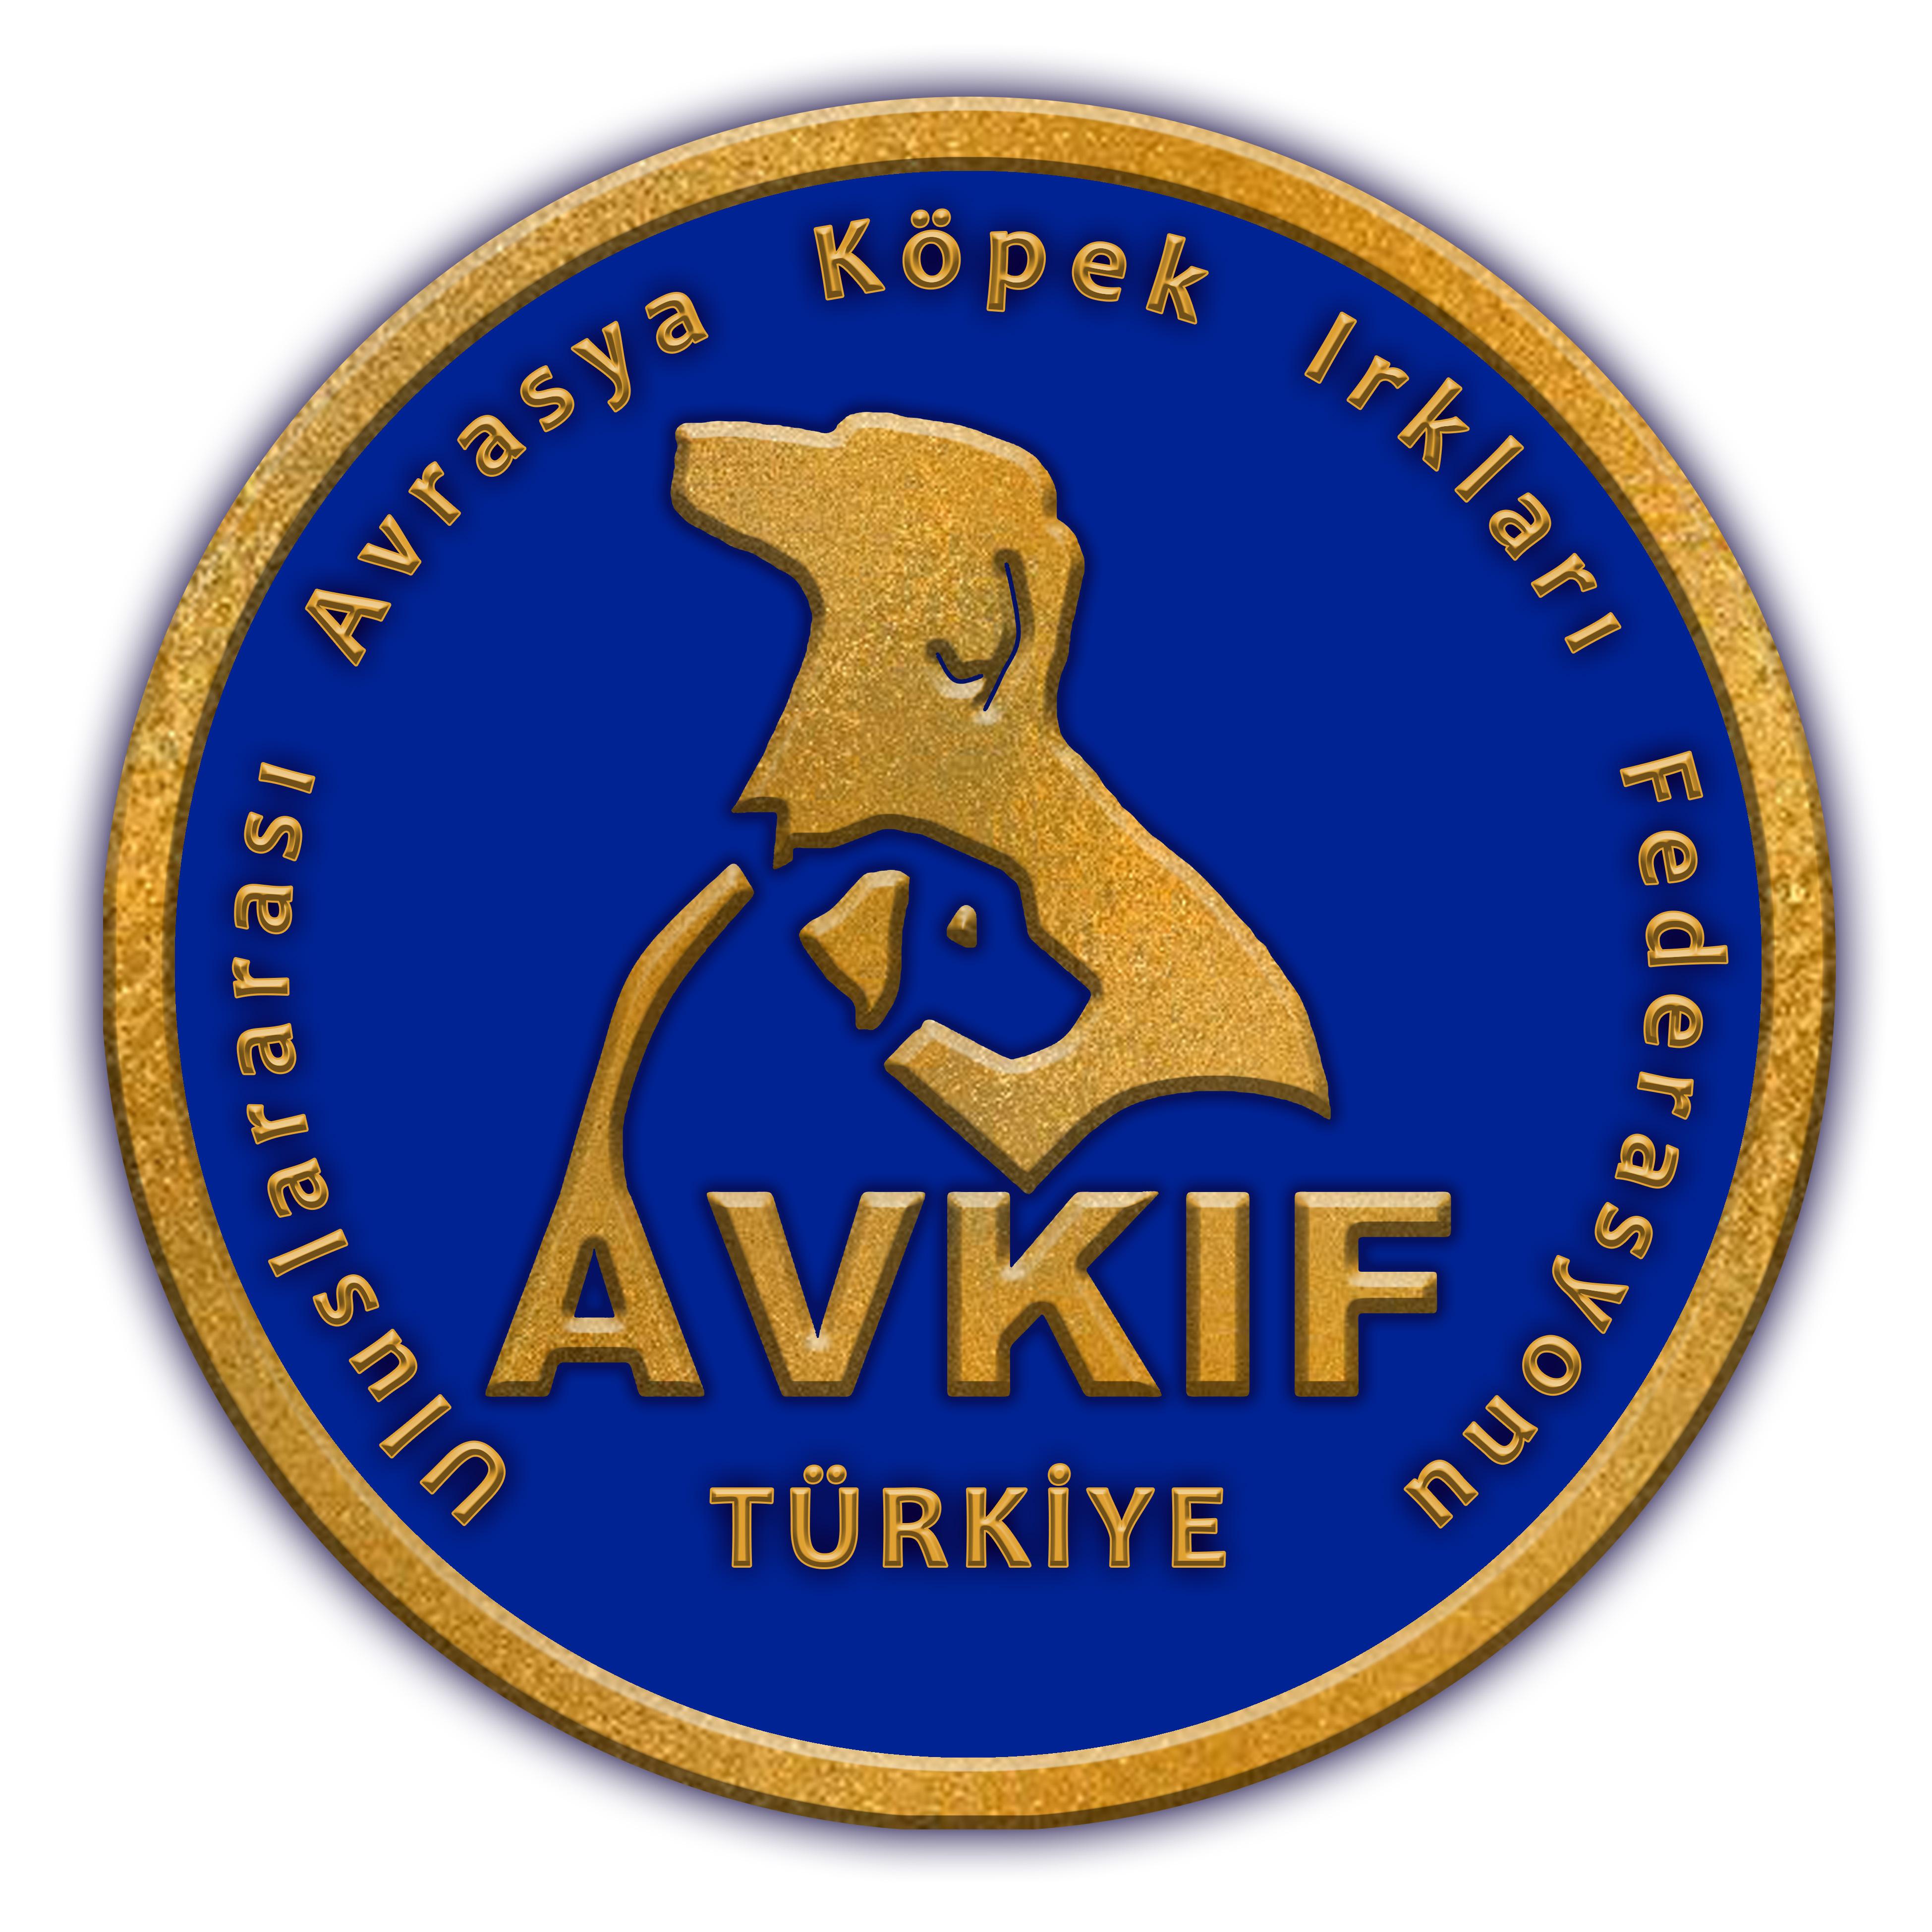 avkif-logo-altin-son